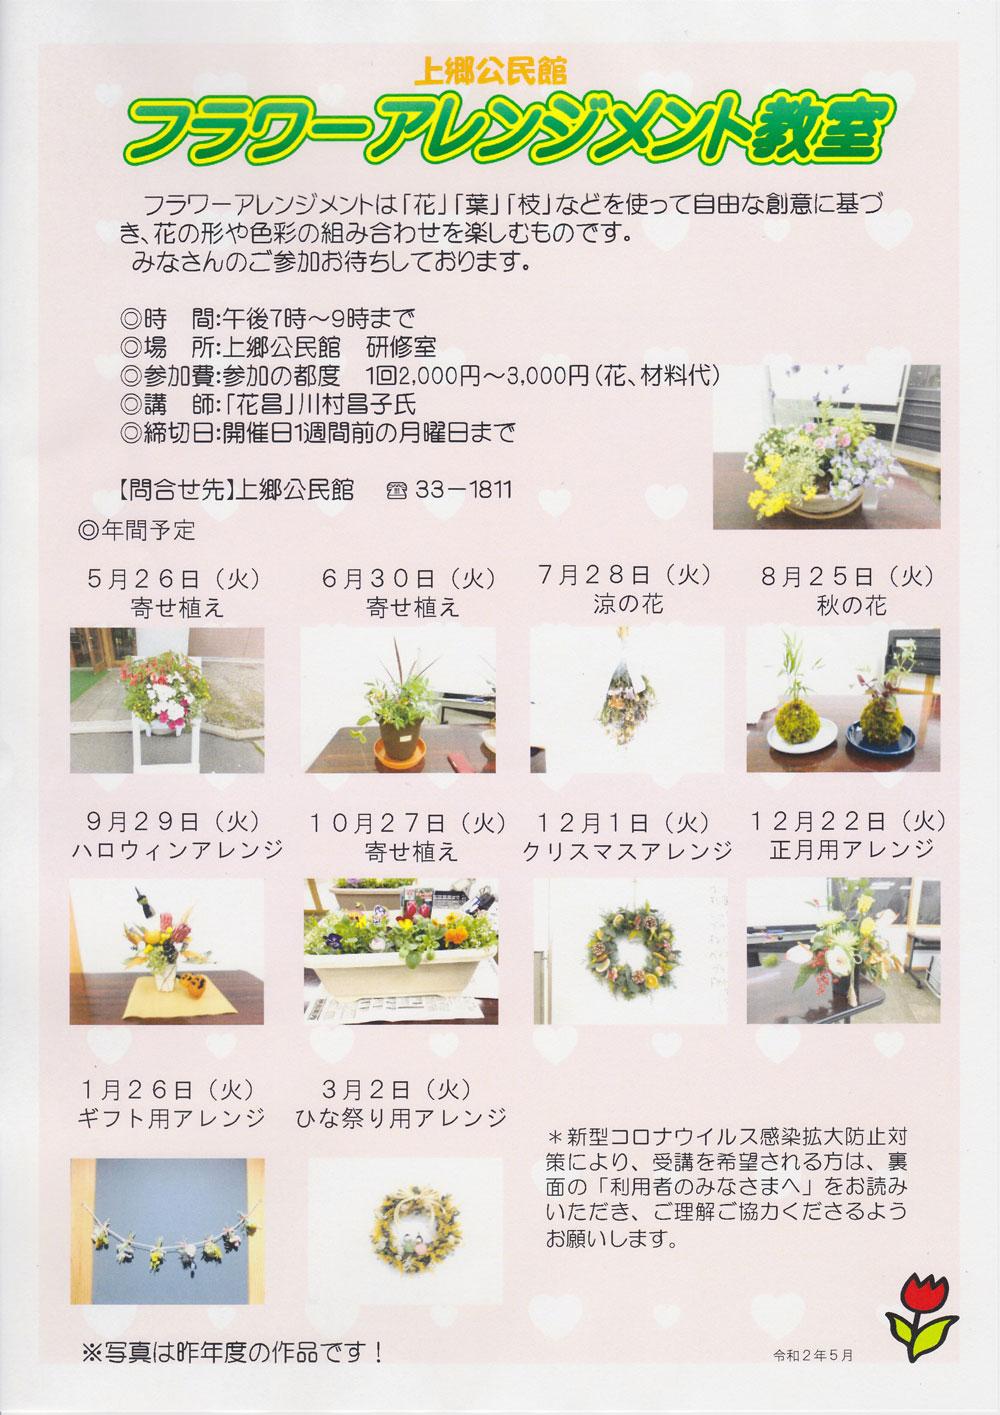 田子町上郷公民館 フラワーアレンジメント教室2020